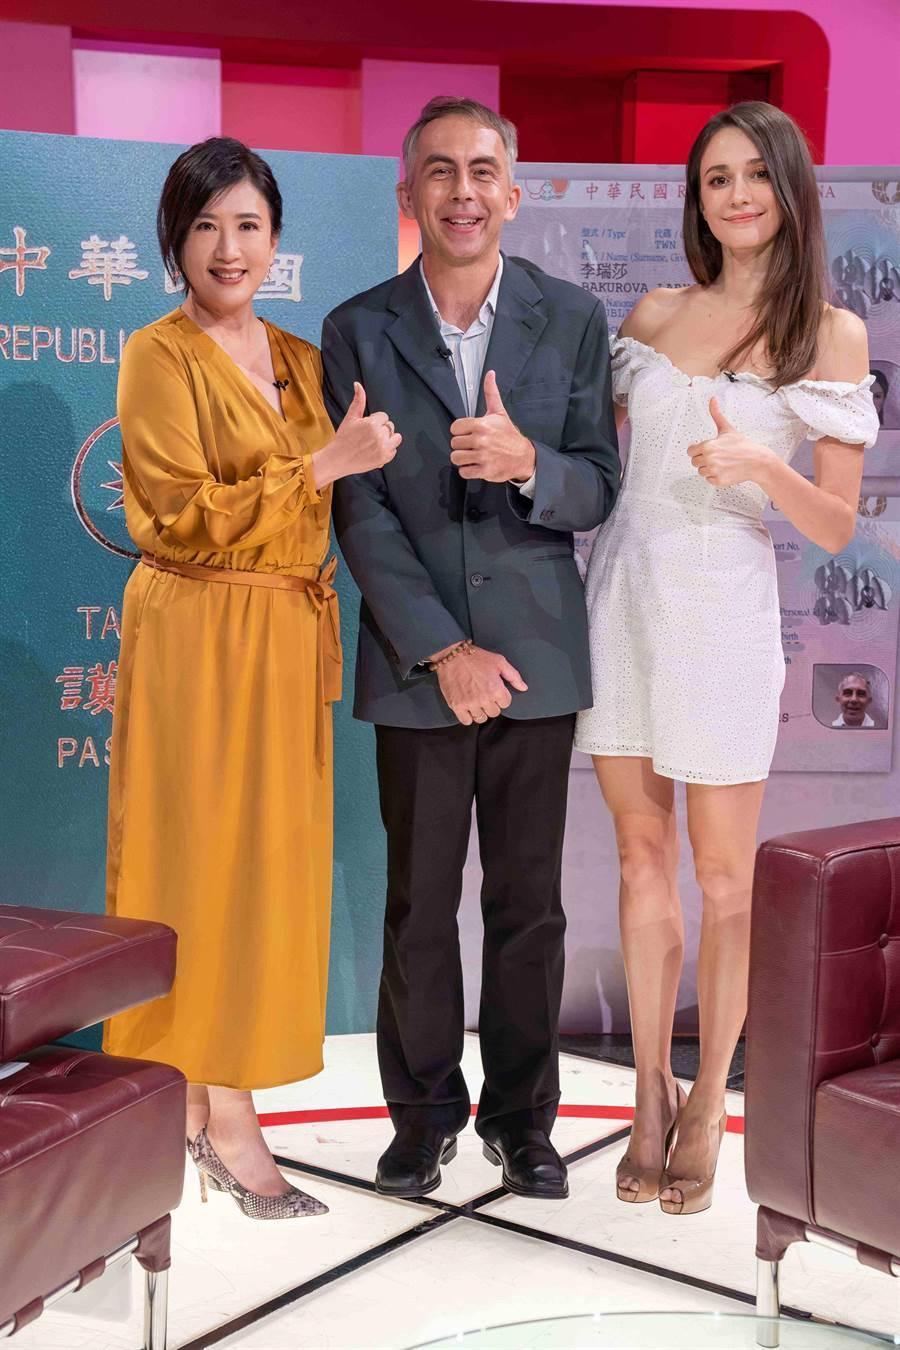 馬培德醫師與瑞莎一起上《TVBS看板人物》接受方念華專訪。(TVBS)